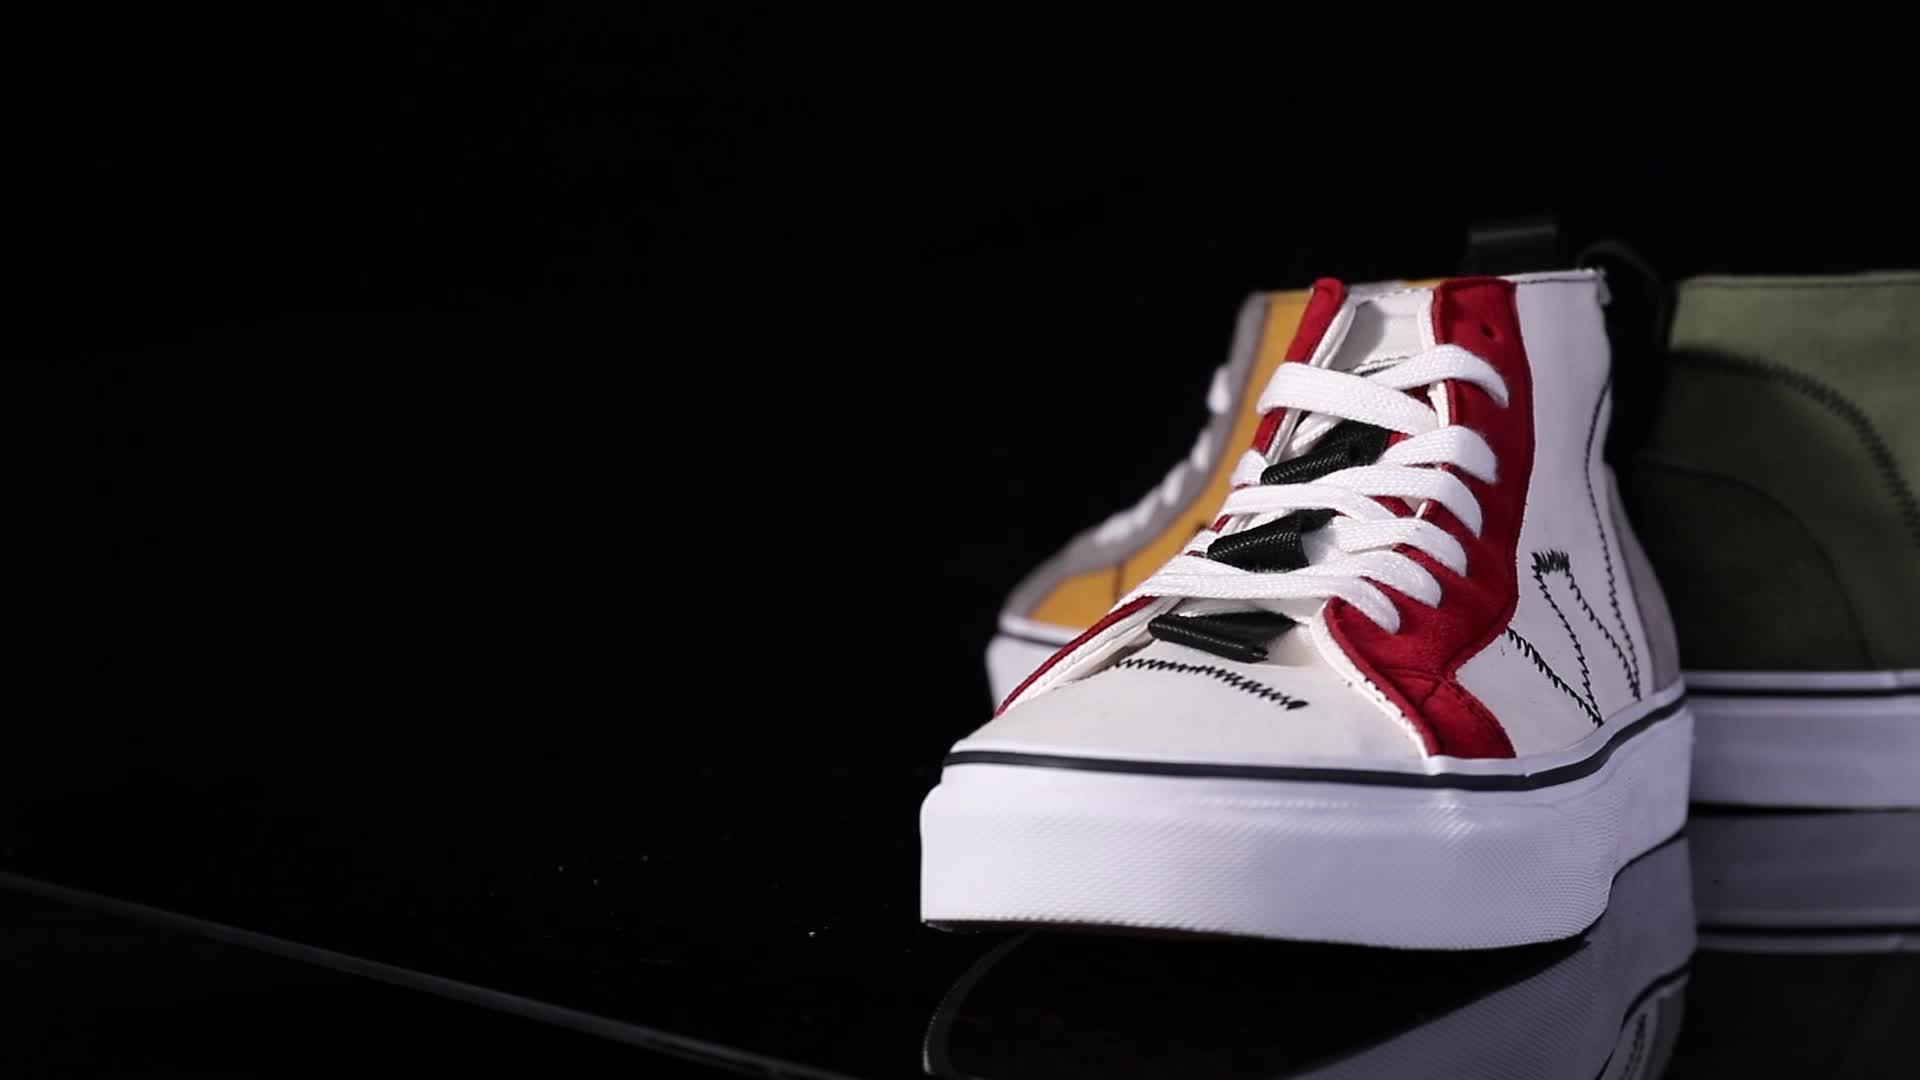 최신 디자인 탄성 레이스 남자 캔버스 신발 캐주얼 운동화 남성 낮은 가격 로퍼 신발